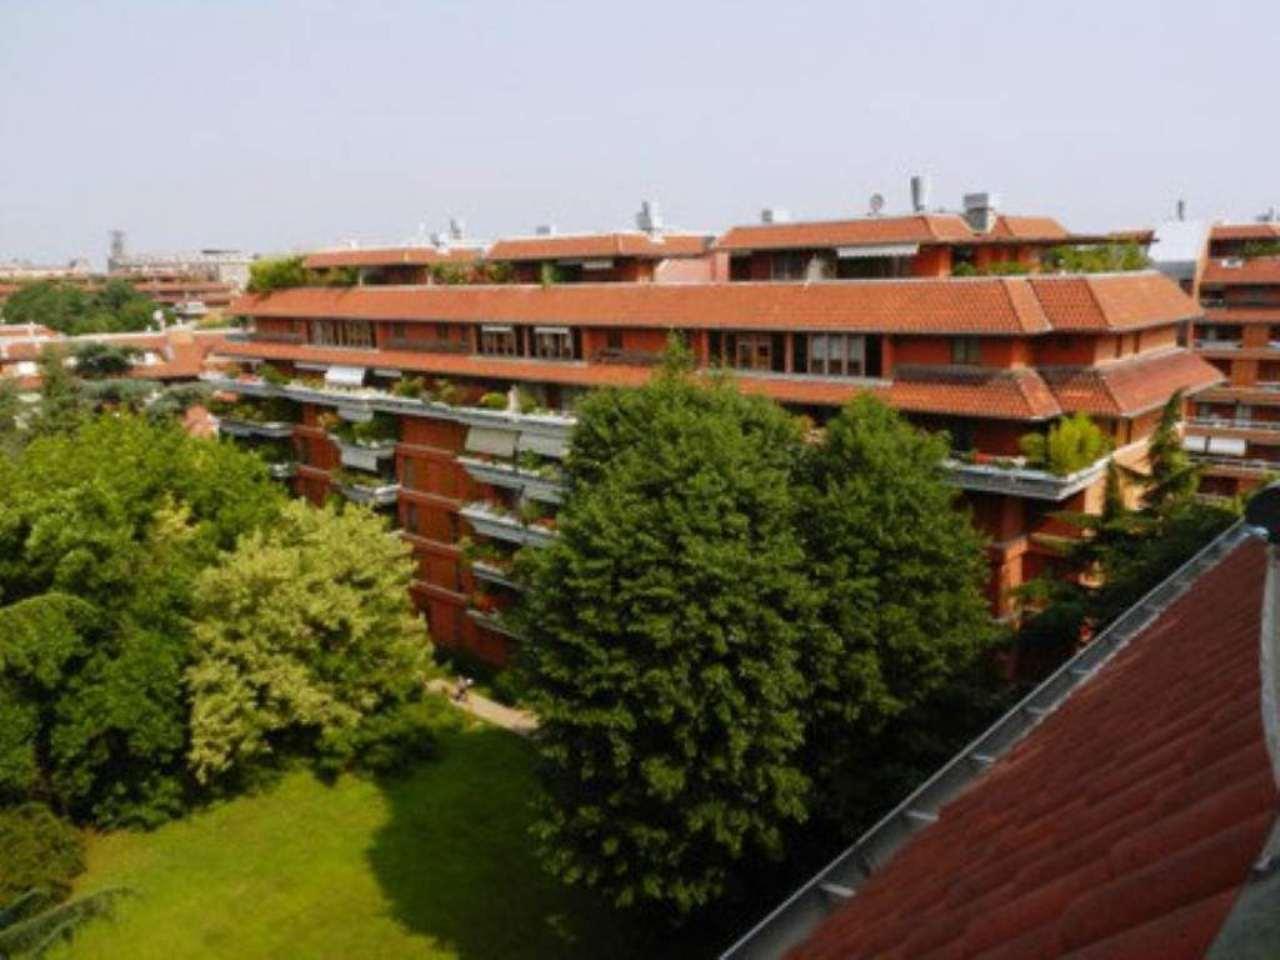 Attico / Mansarda in vendita a Segrate, 4 locali, prezzo € 650.000 | Cambio Casa.it